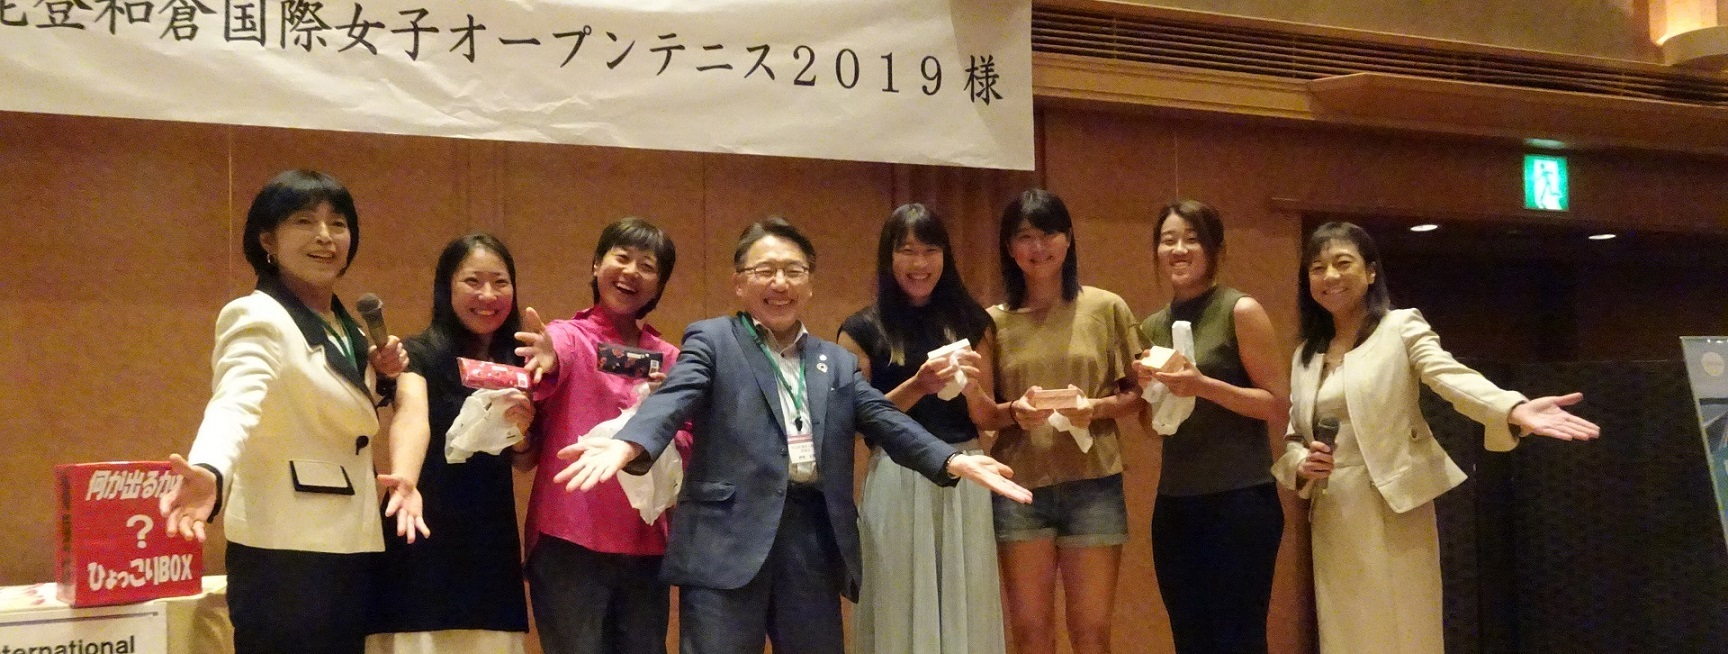 夏の光の中で能登和倉国際女子オープンテニス 2019・ウェルカムパーティ_b0115629_21224767.jpg